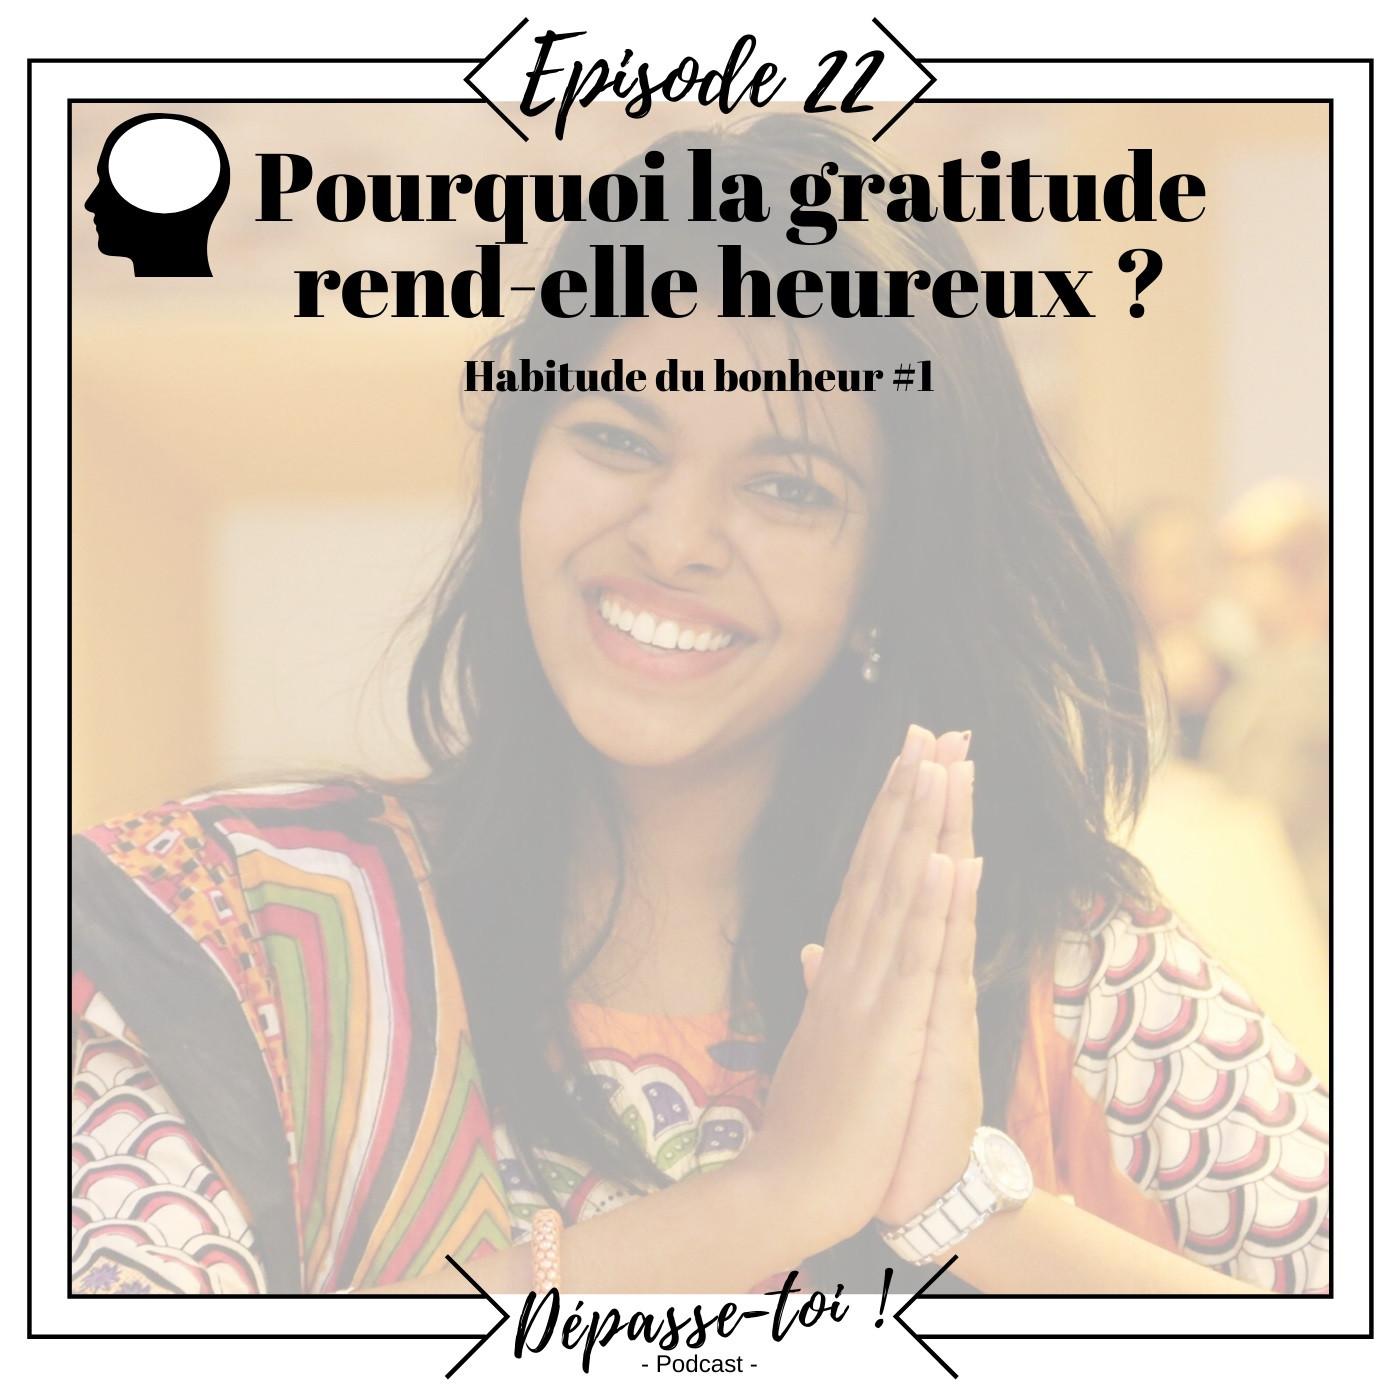 #22 - Pourquoi la gratitude rend-elle heureux ?